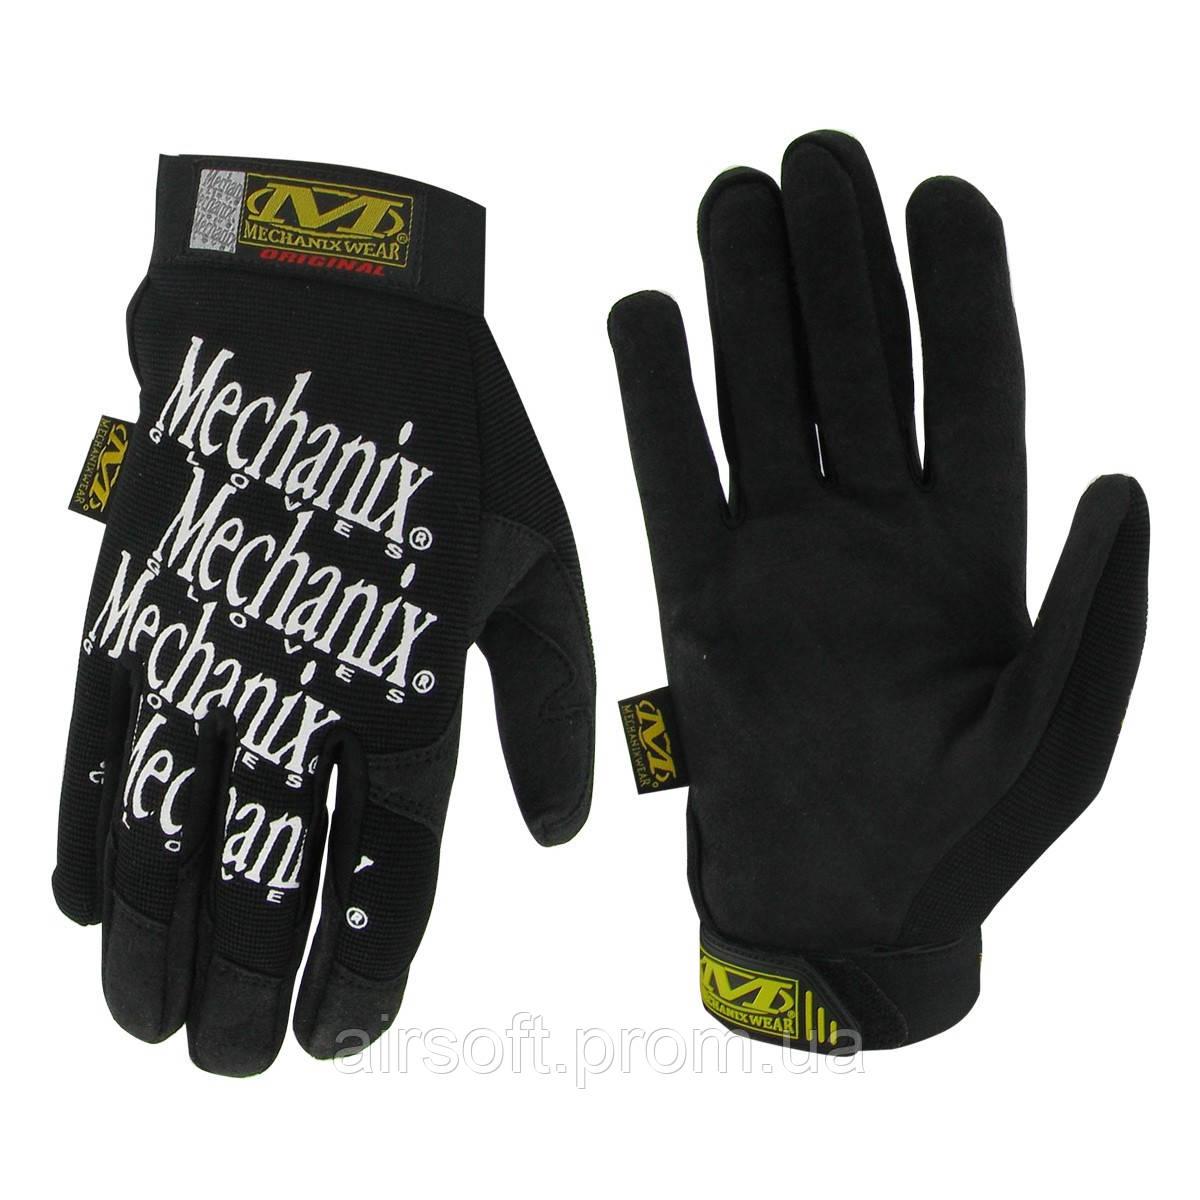 Тактические перчатки Mechanix (реплика), цвет черный